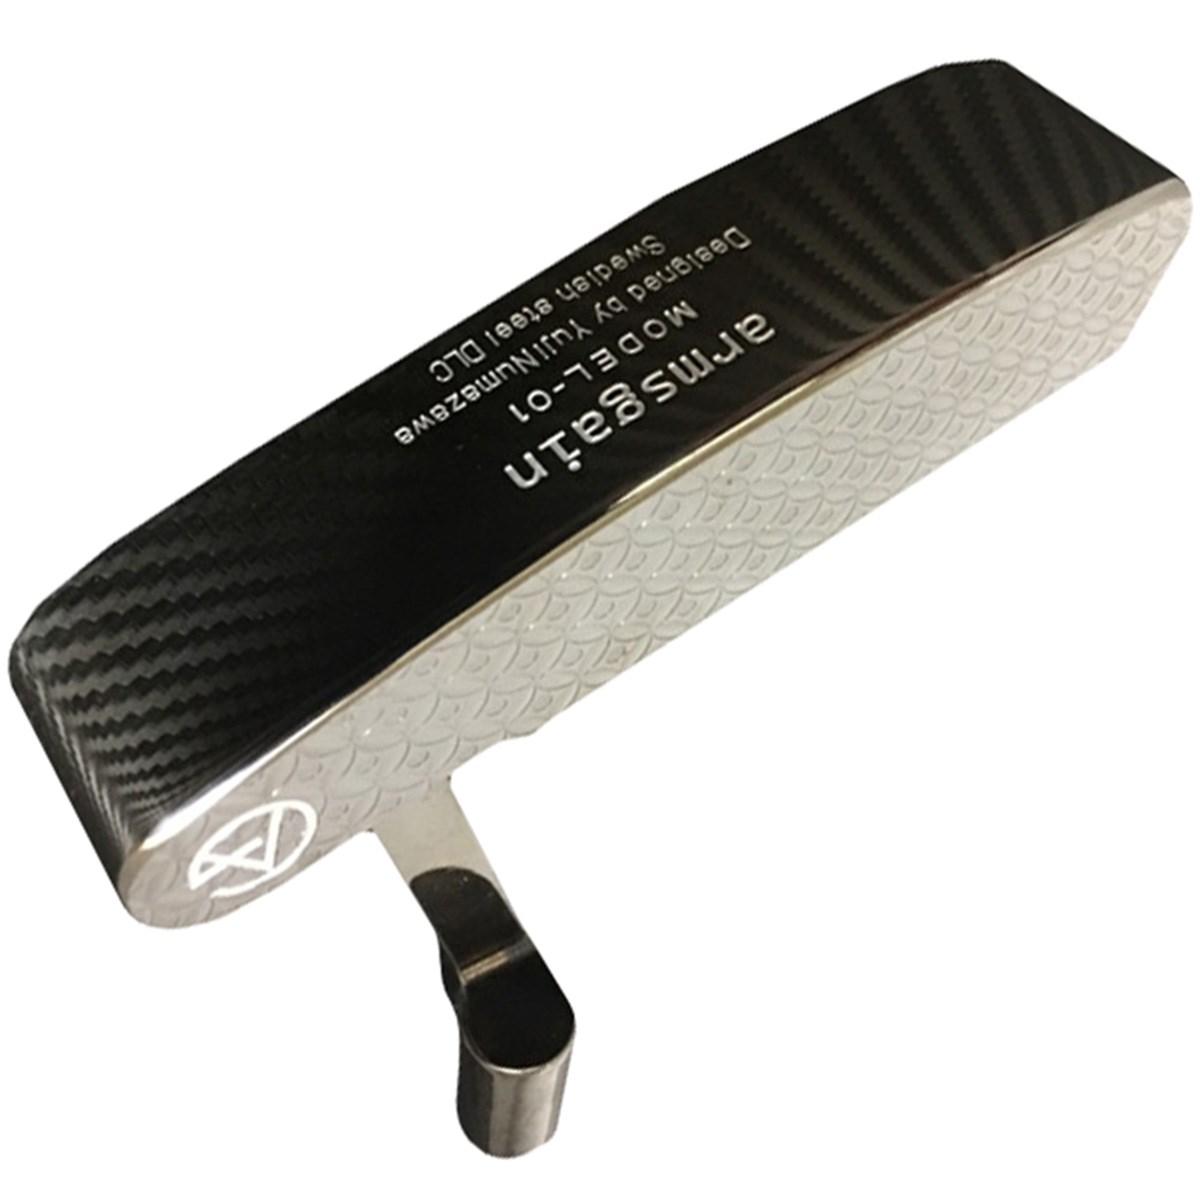 アームスゲイン Model-01 パター 響スティール ブラックダイヤモンドライクカーボンコーティングモデル